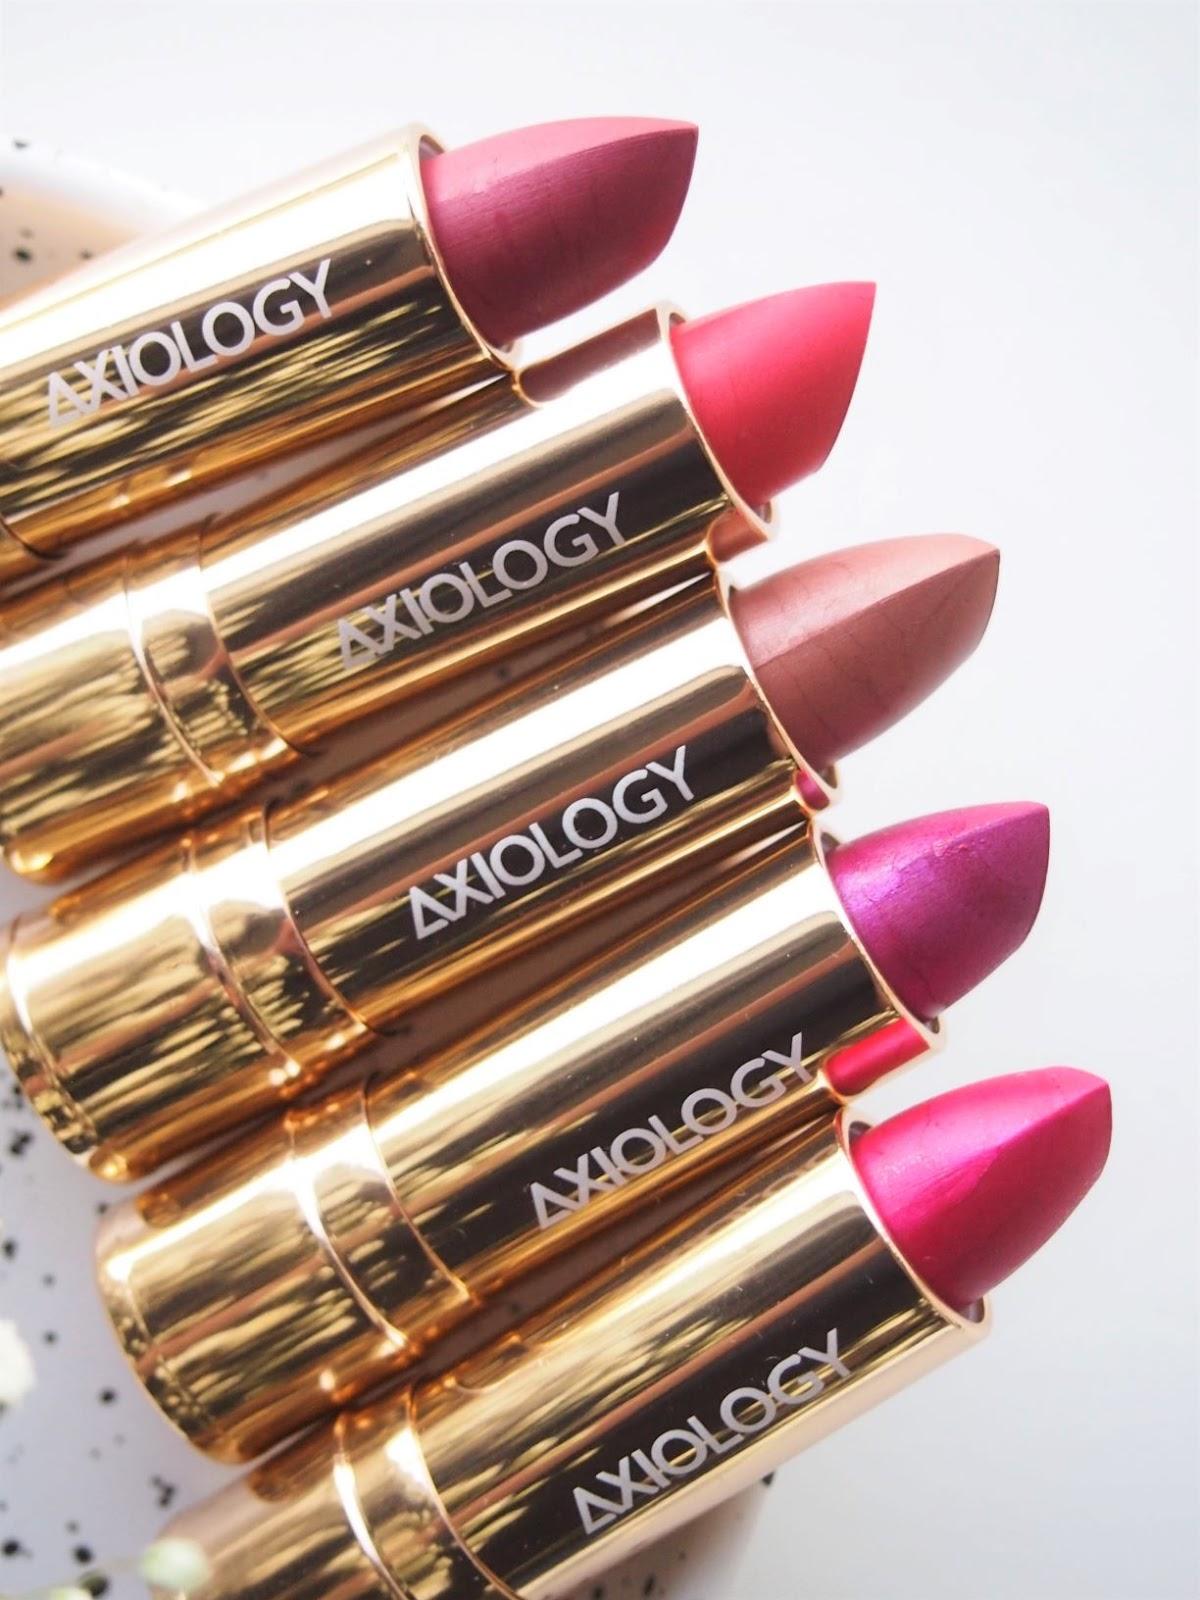 axiology-huulipunat